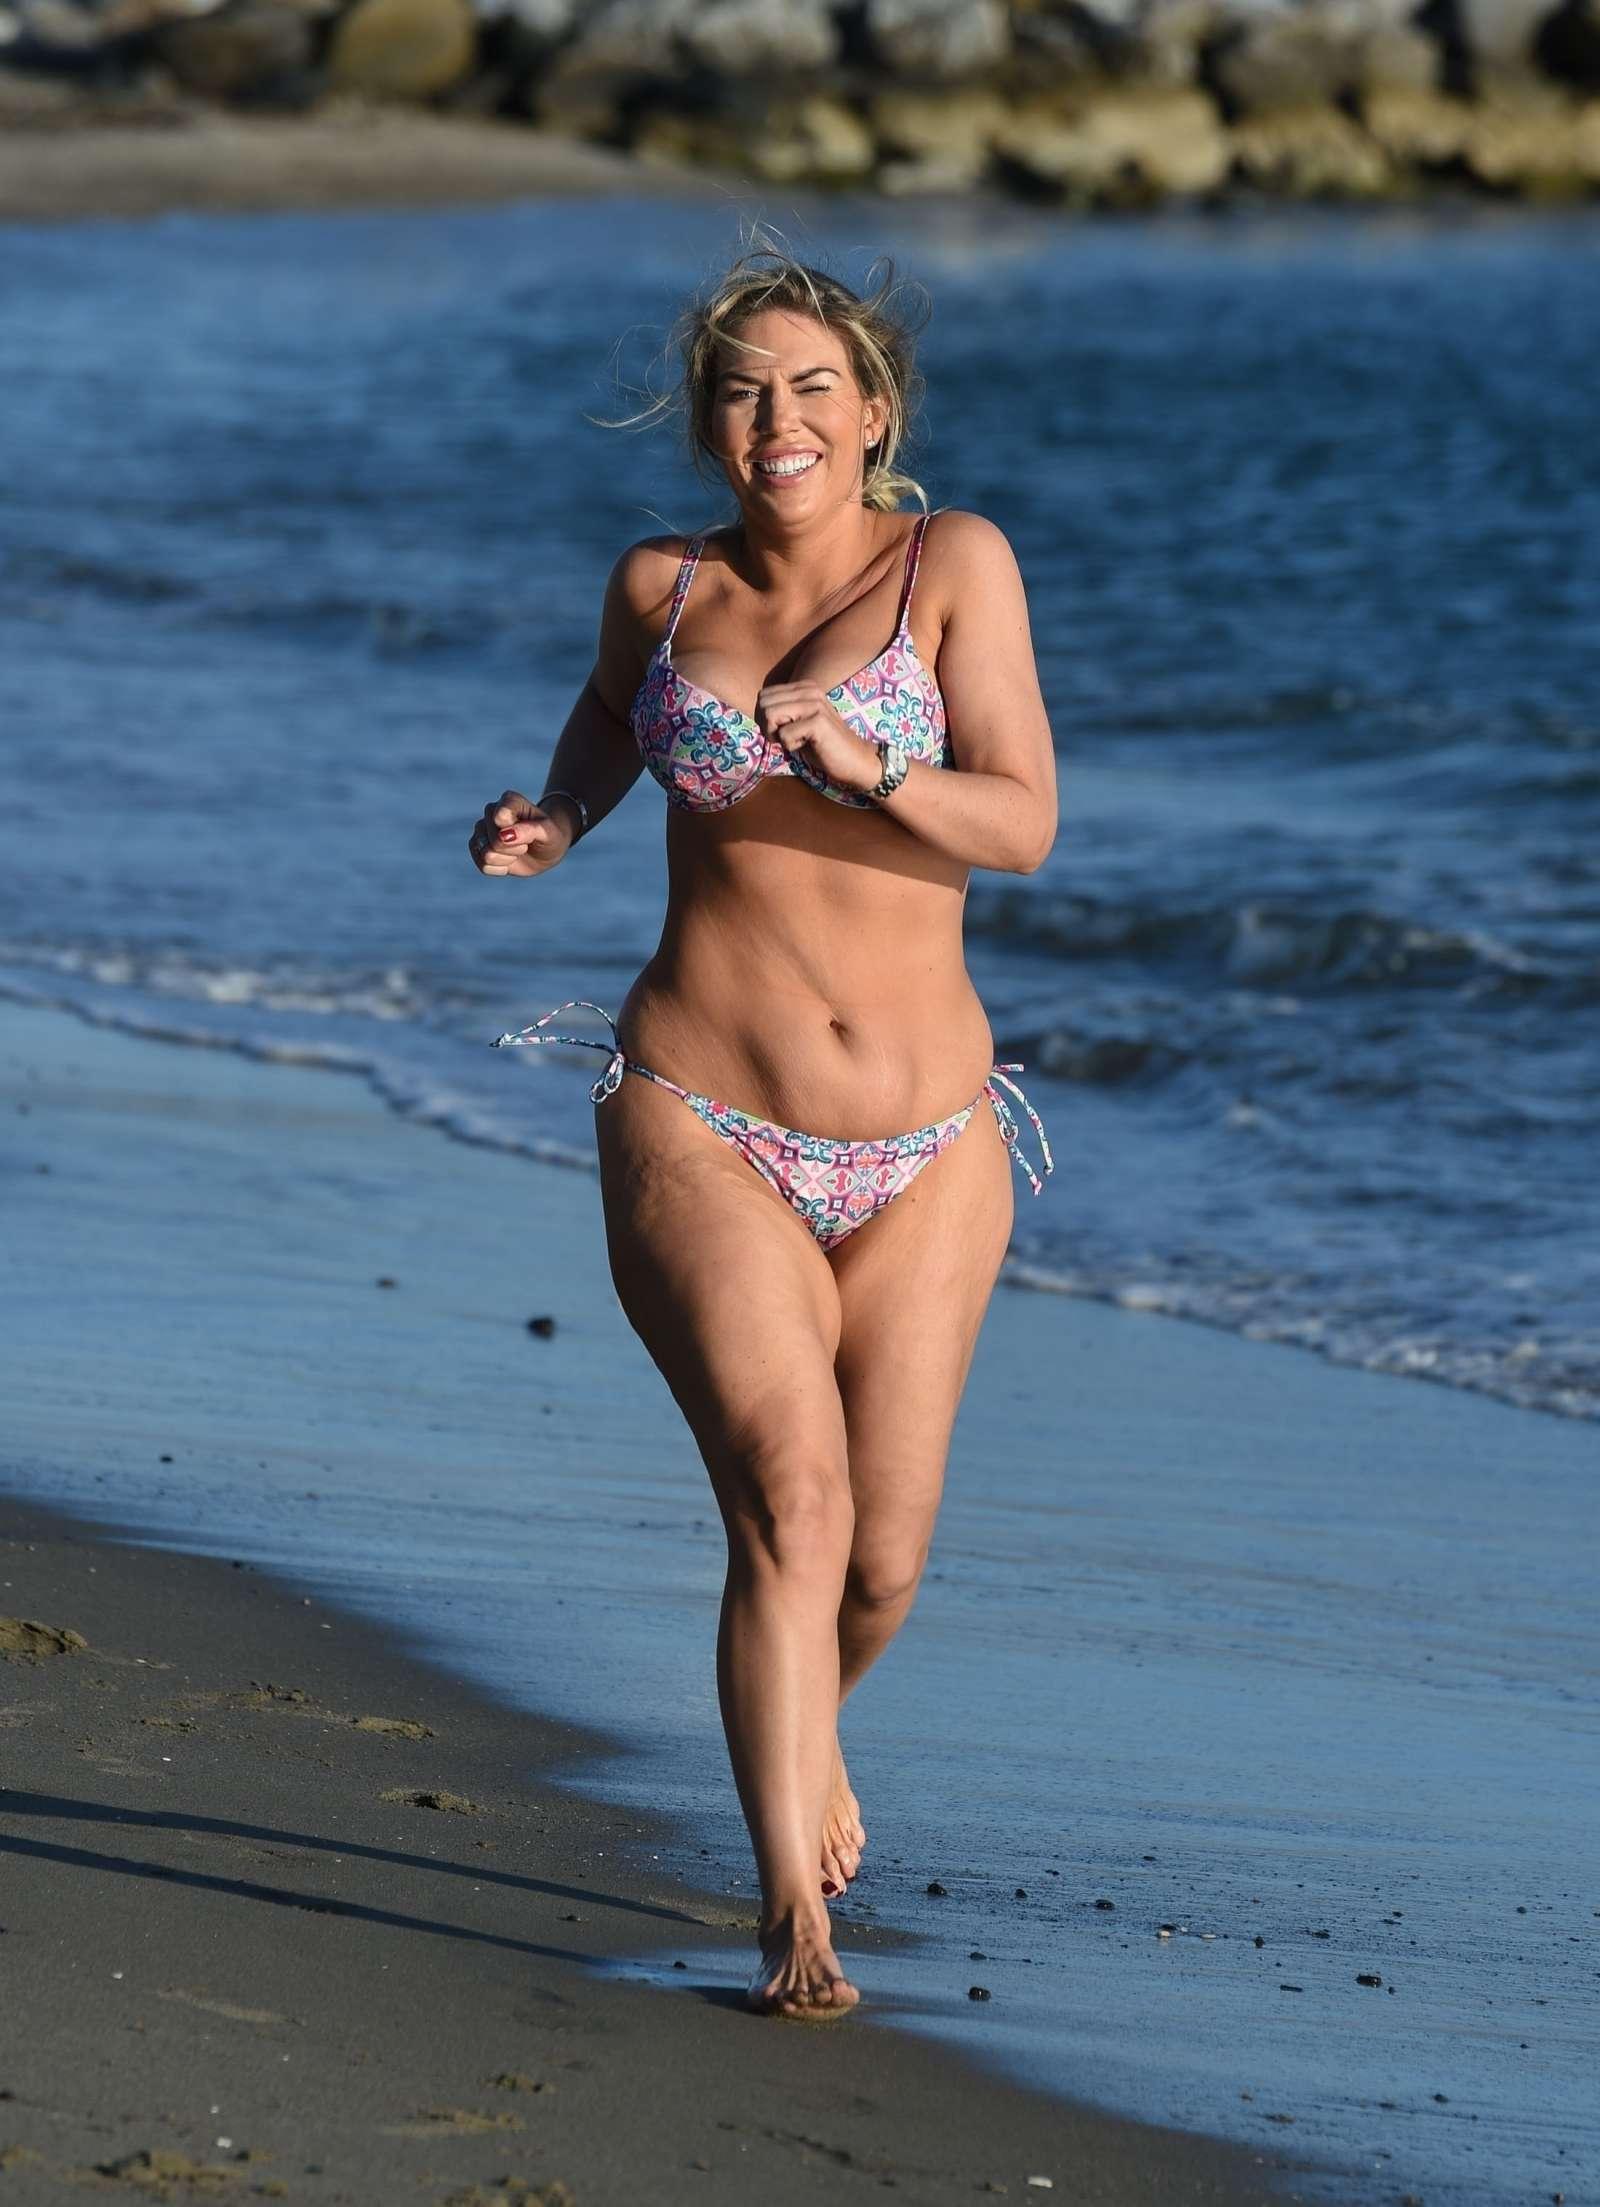 Frankie Essex in Bikini - Jogging at a beach in Tenerife